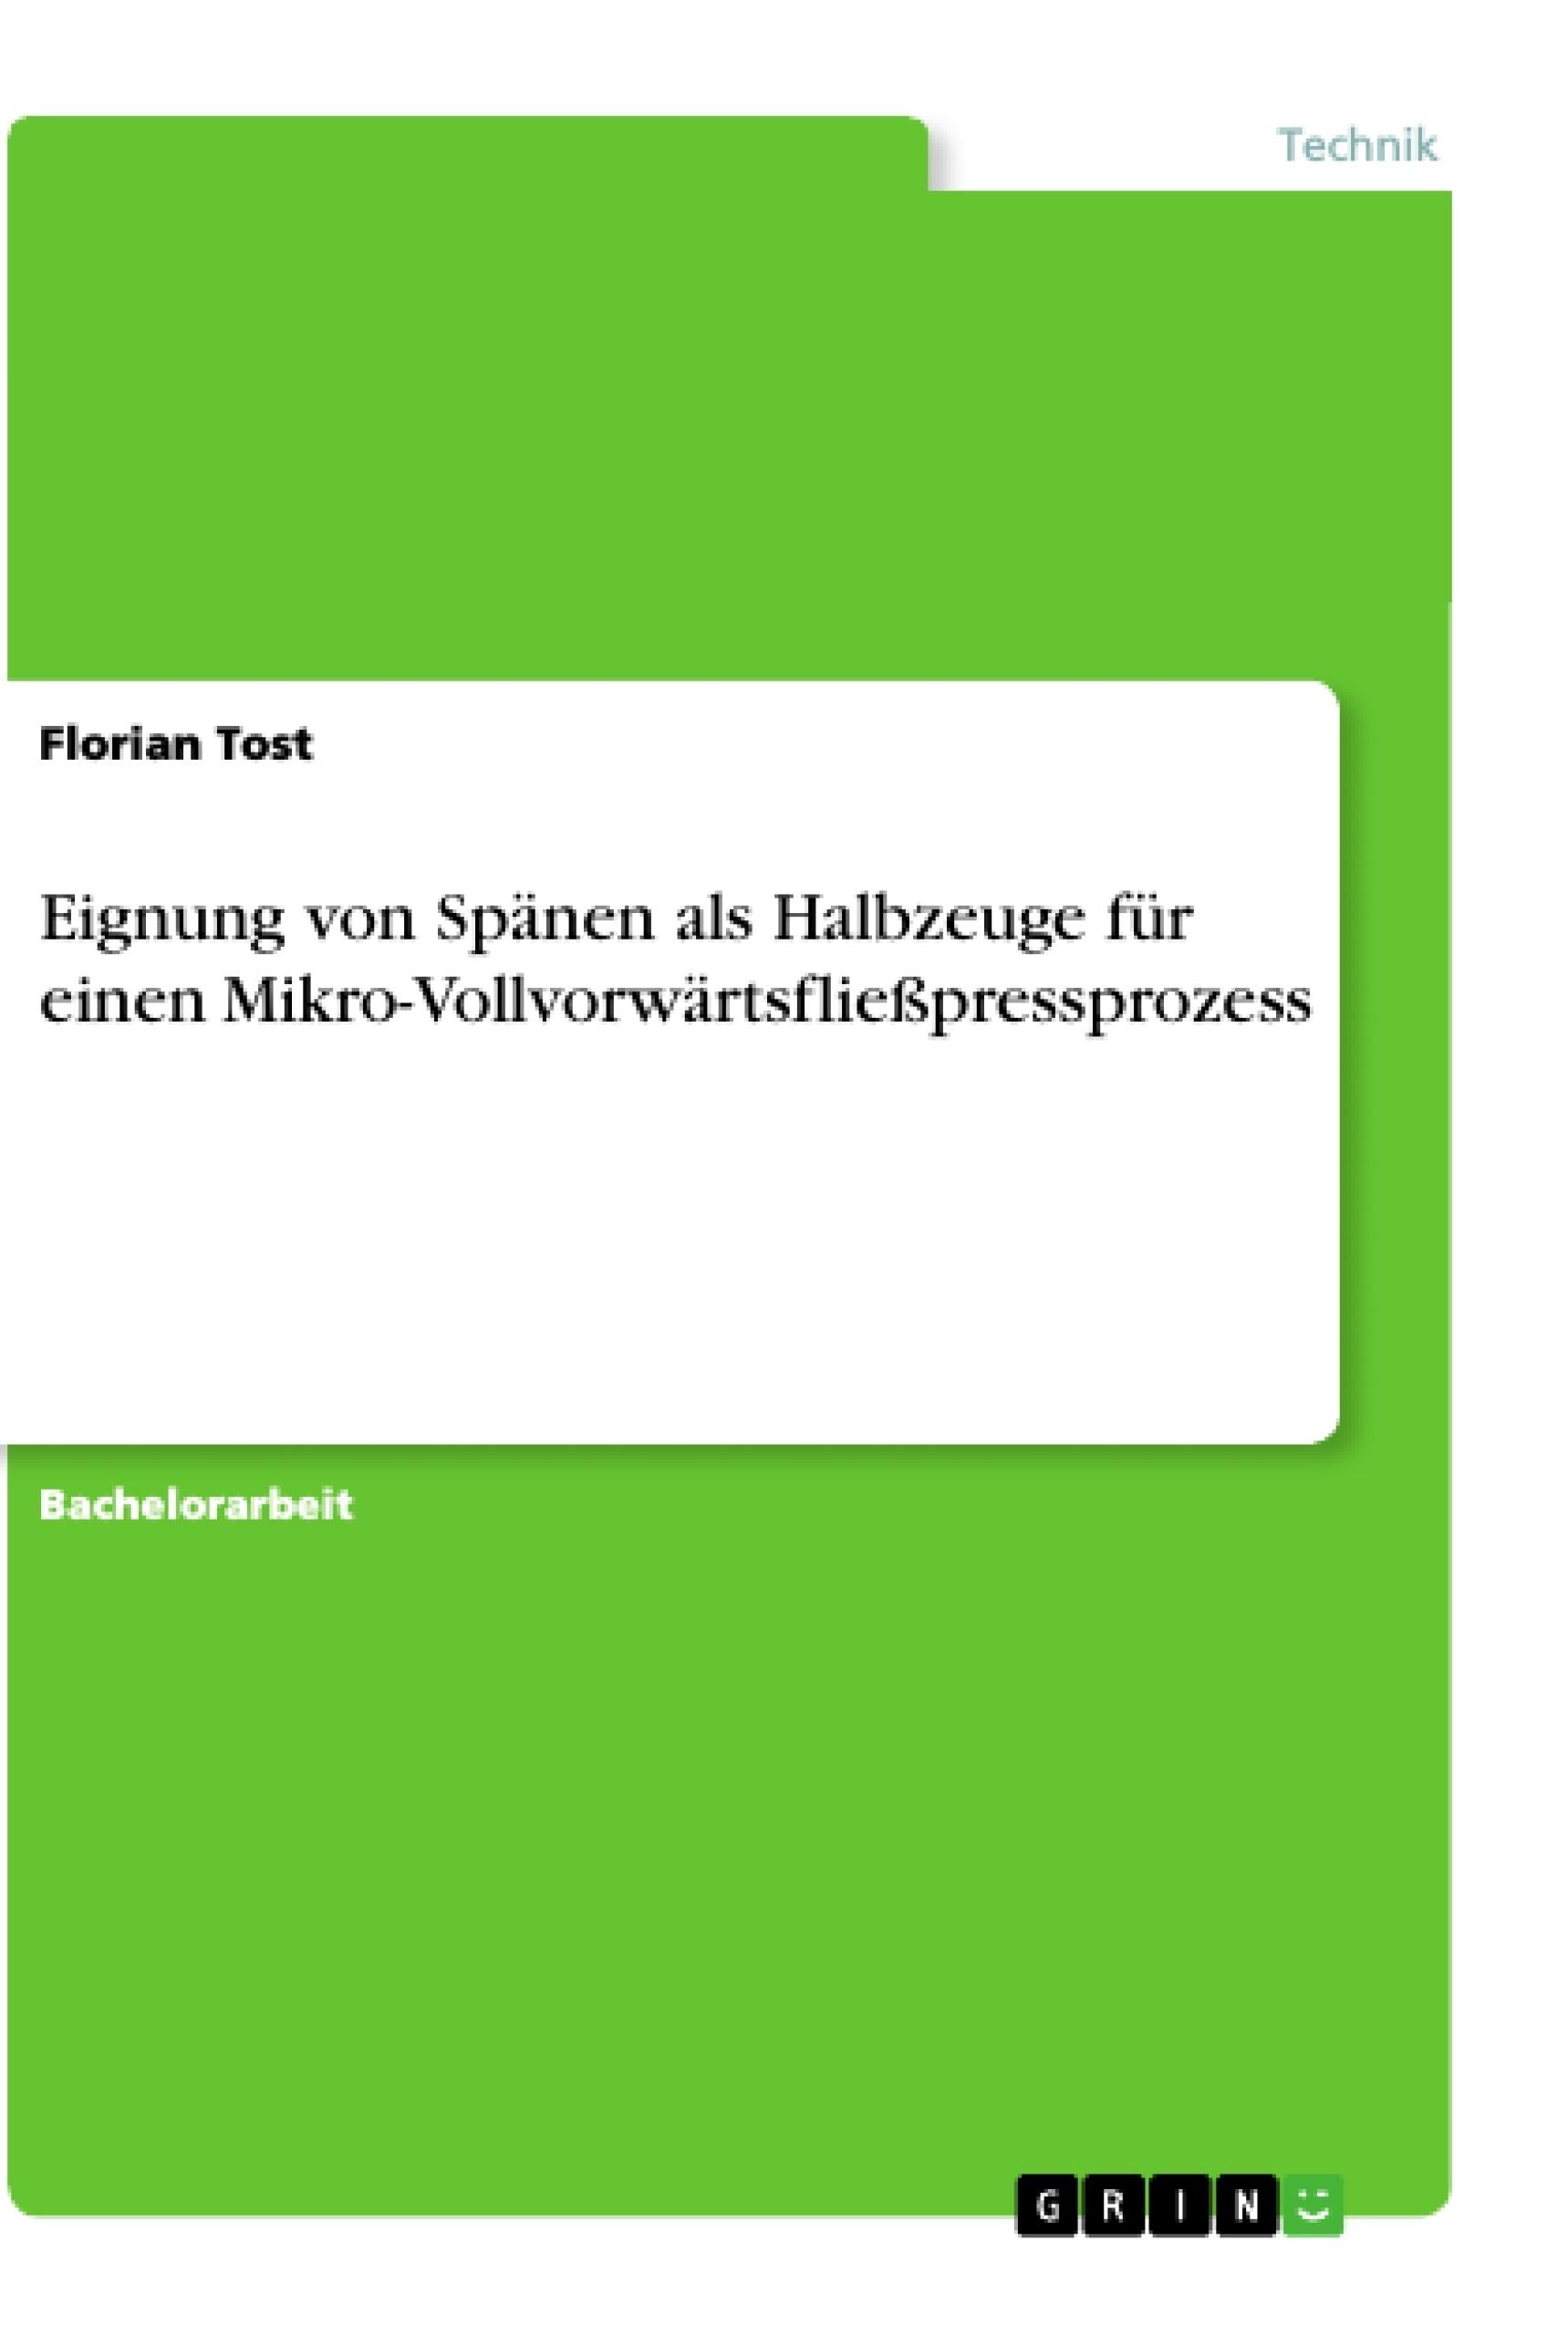 Titel: Eignung von Spänen als Halbzeuge für einen Mikro-Vollvorwärtsfließpressprozess